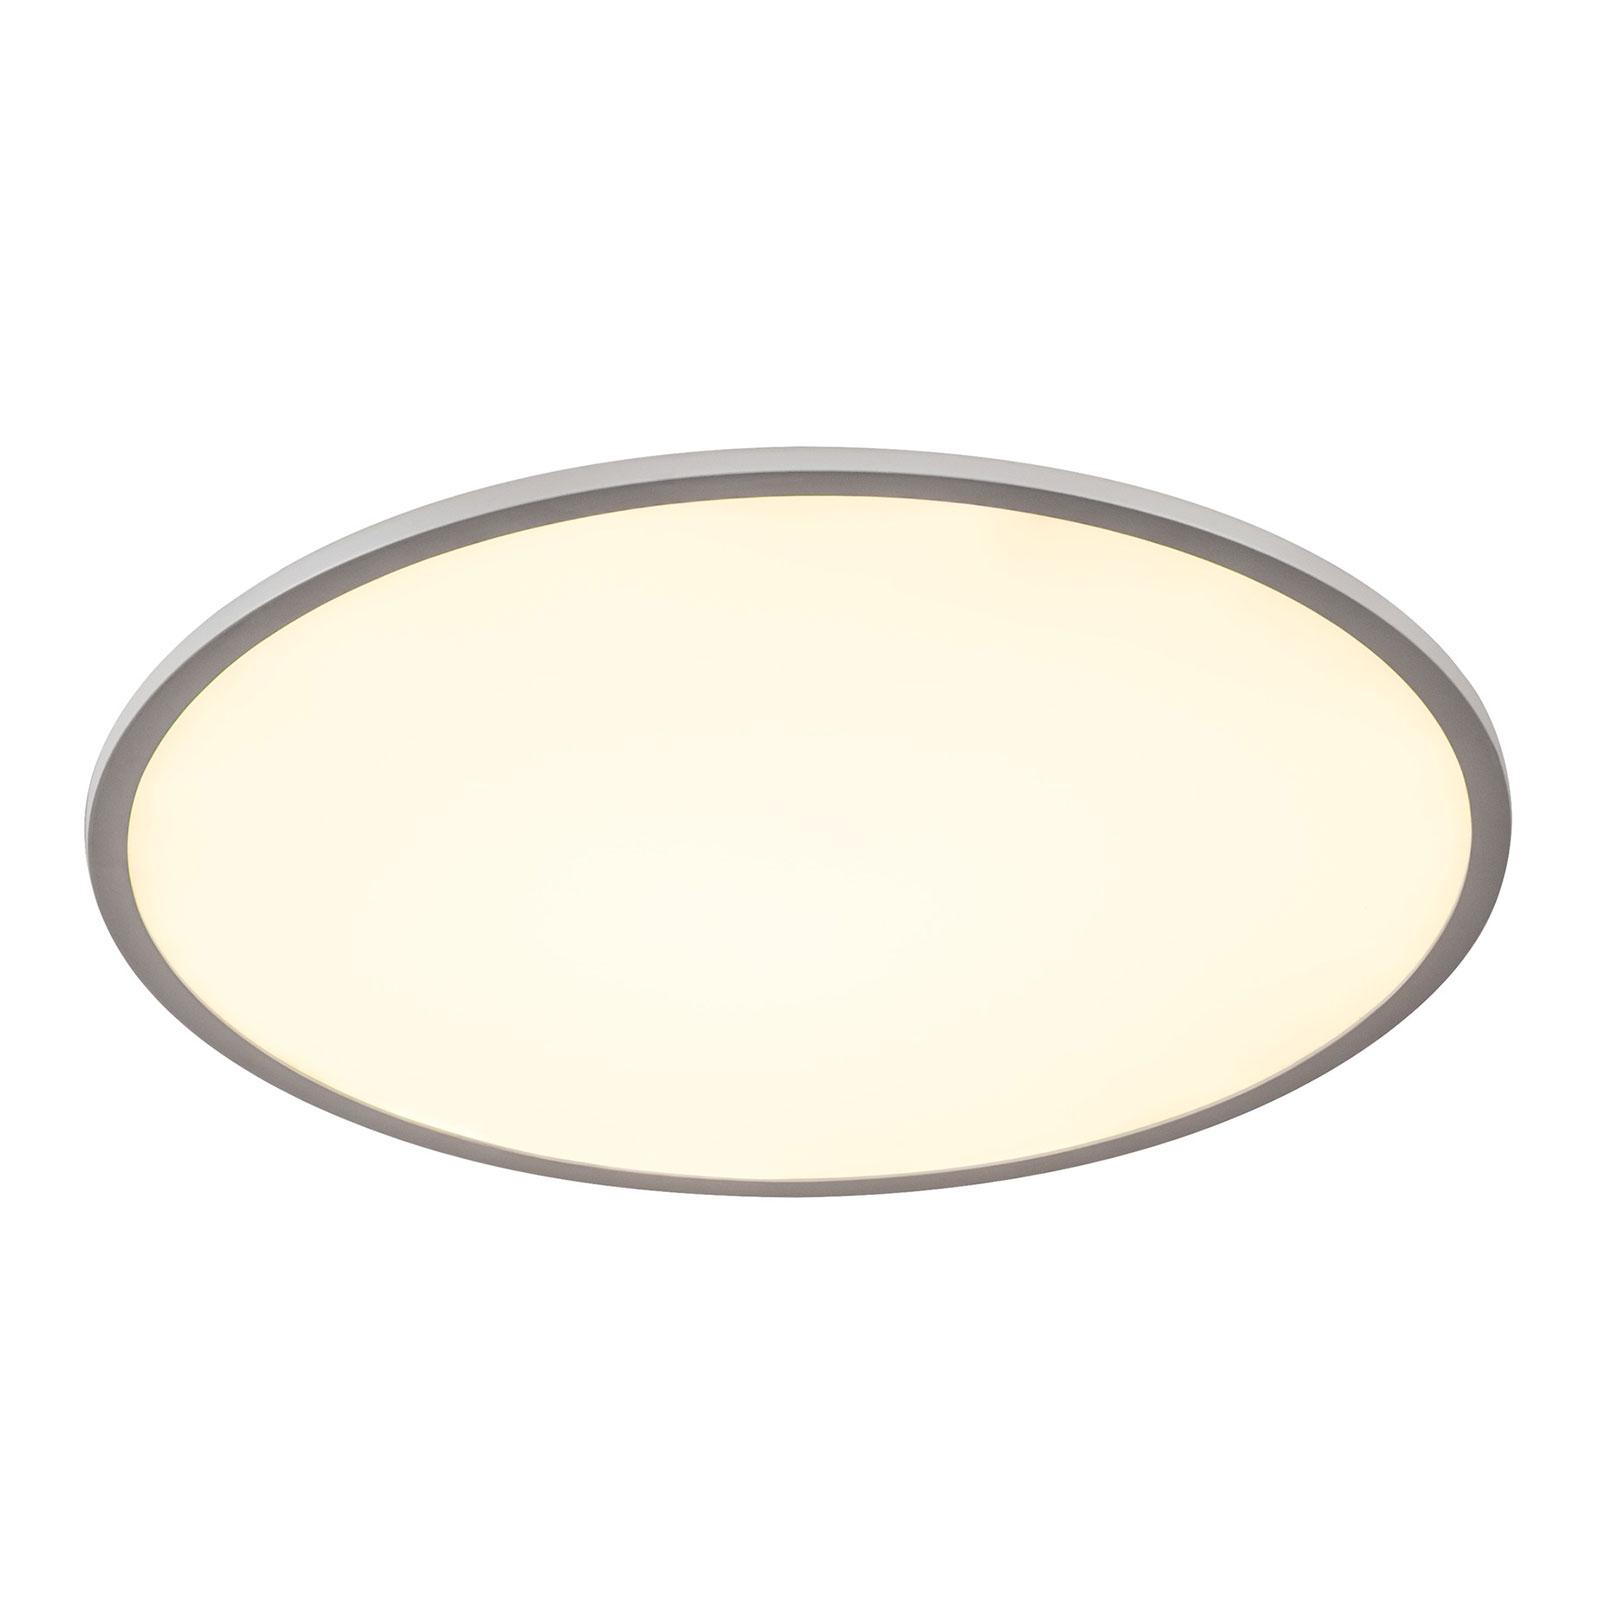 SLV Panel 60 LED-taklampe, 3000K, sølvgrå